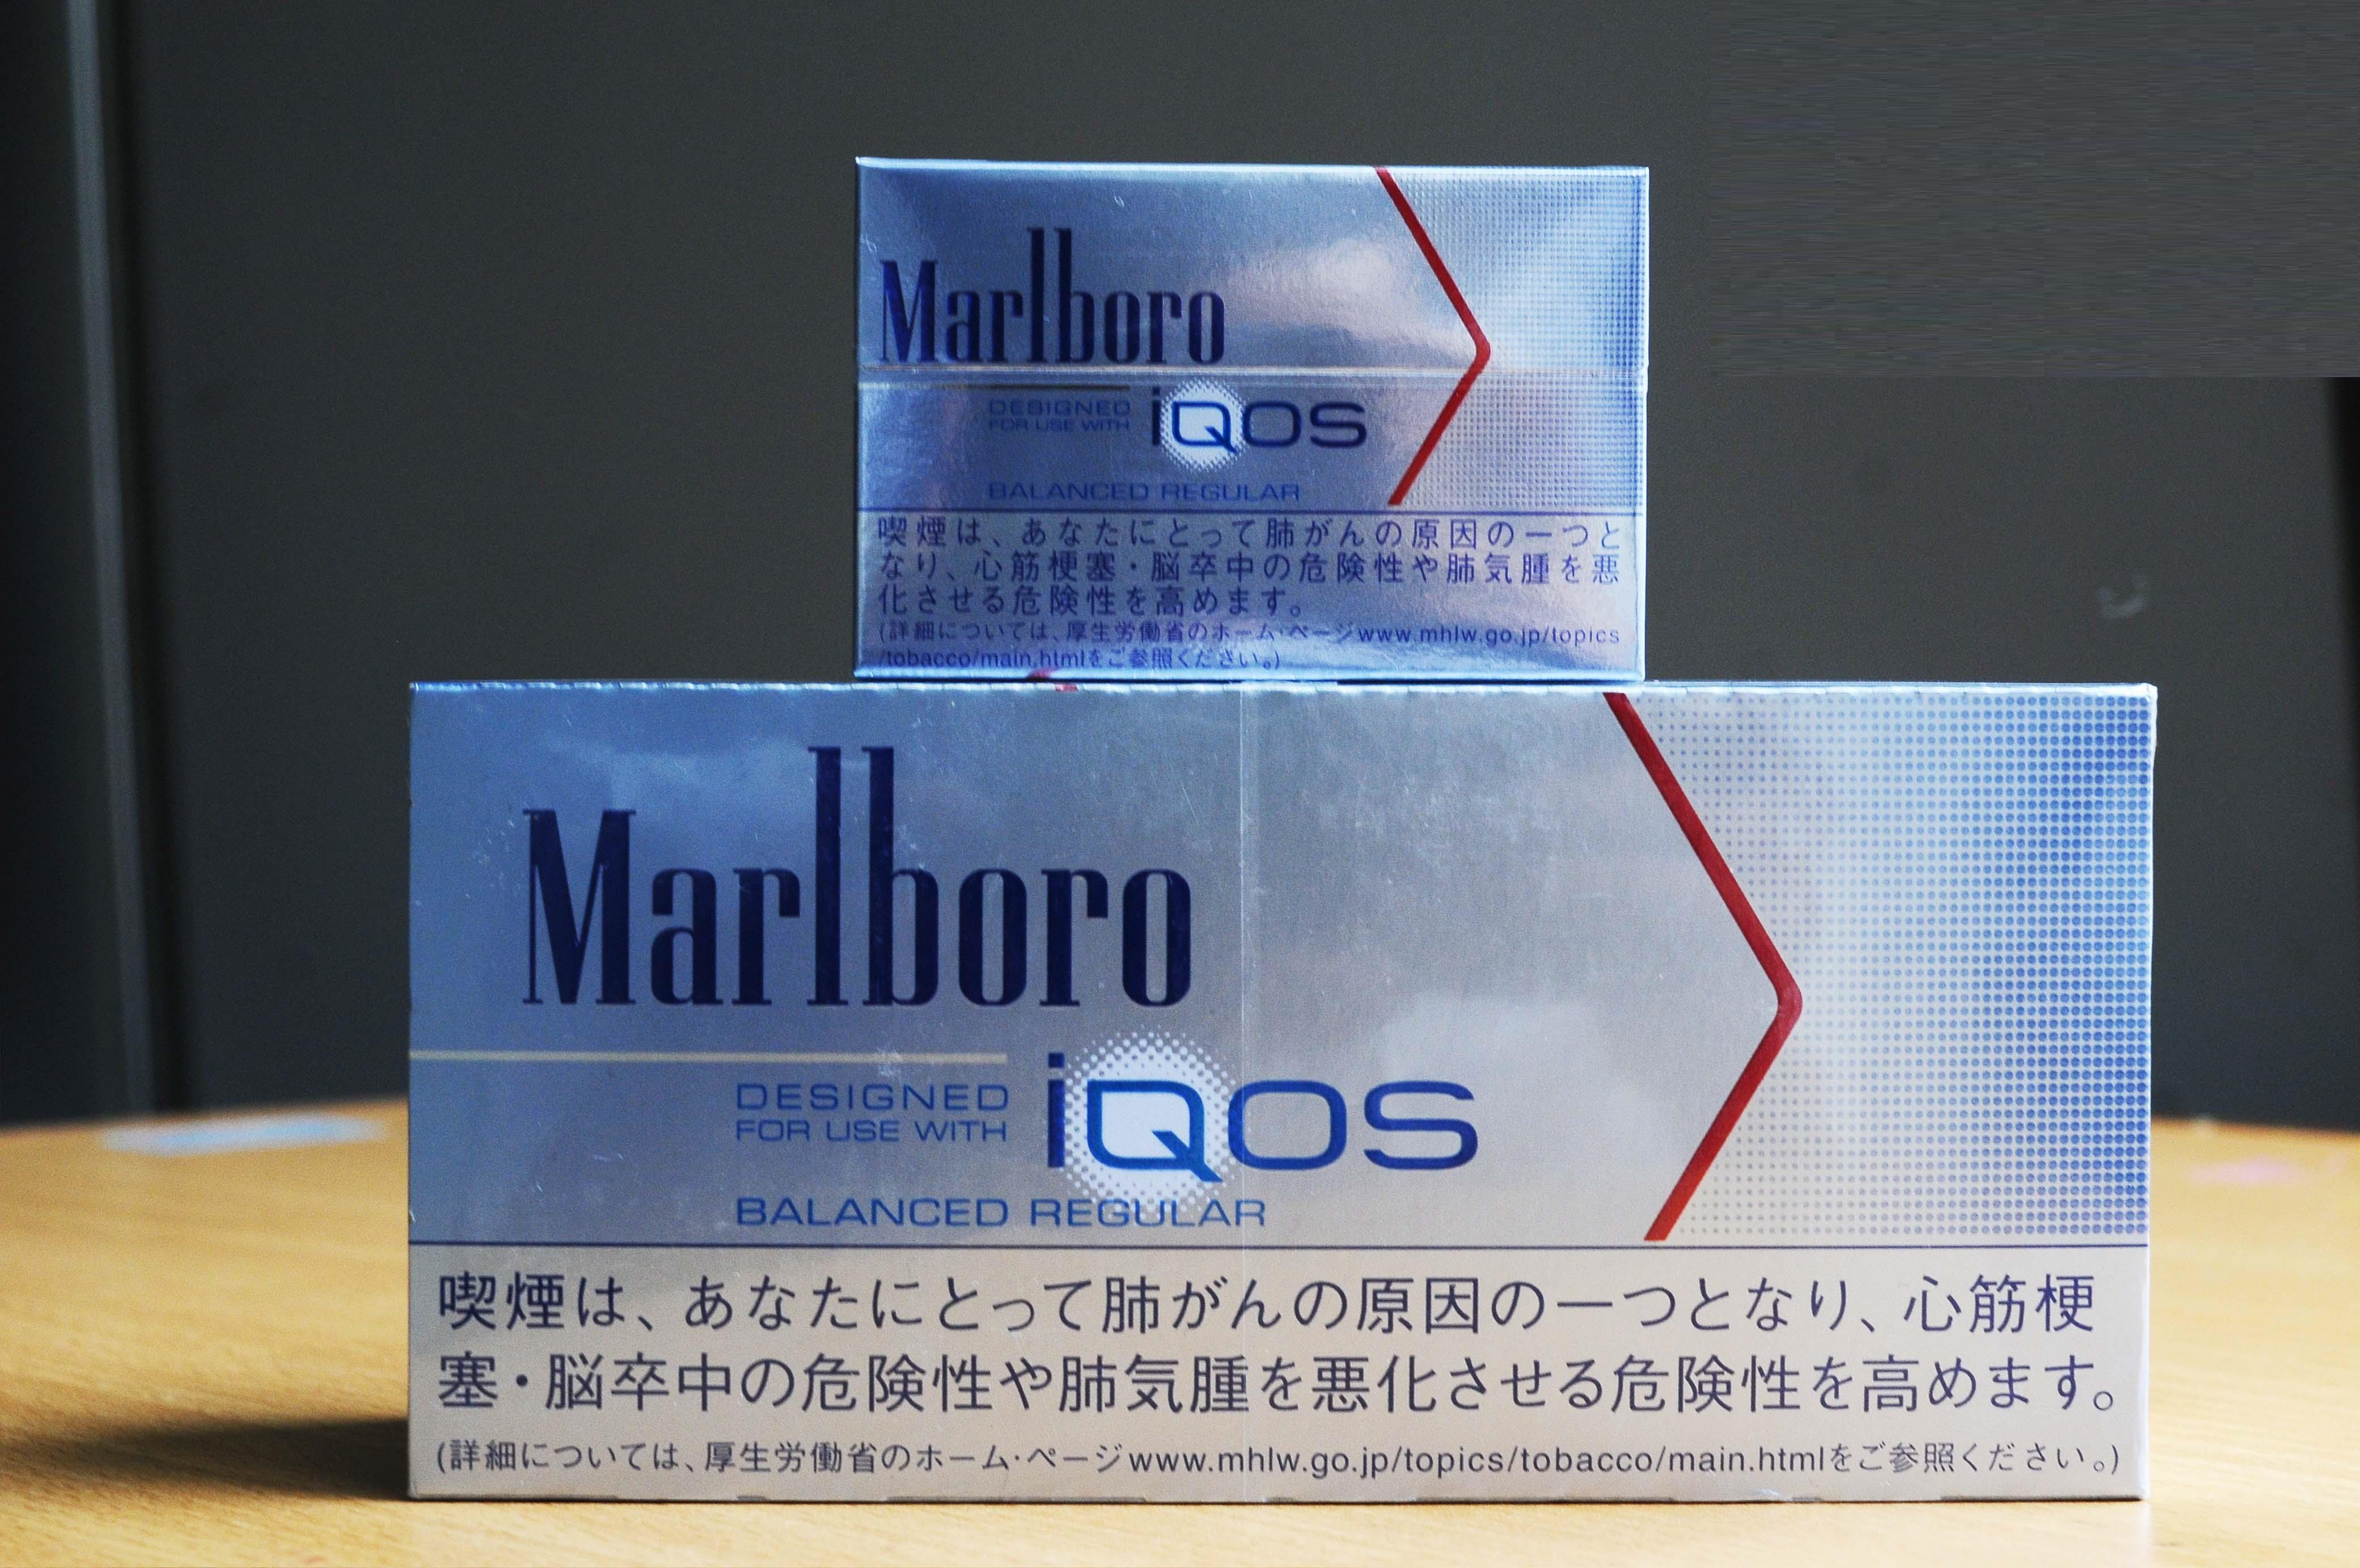 Thuốc Lá Marlboro Balanced Nhật - Vị Nicotin nhẹ